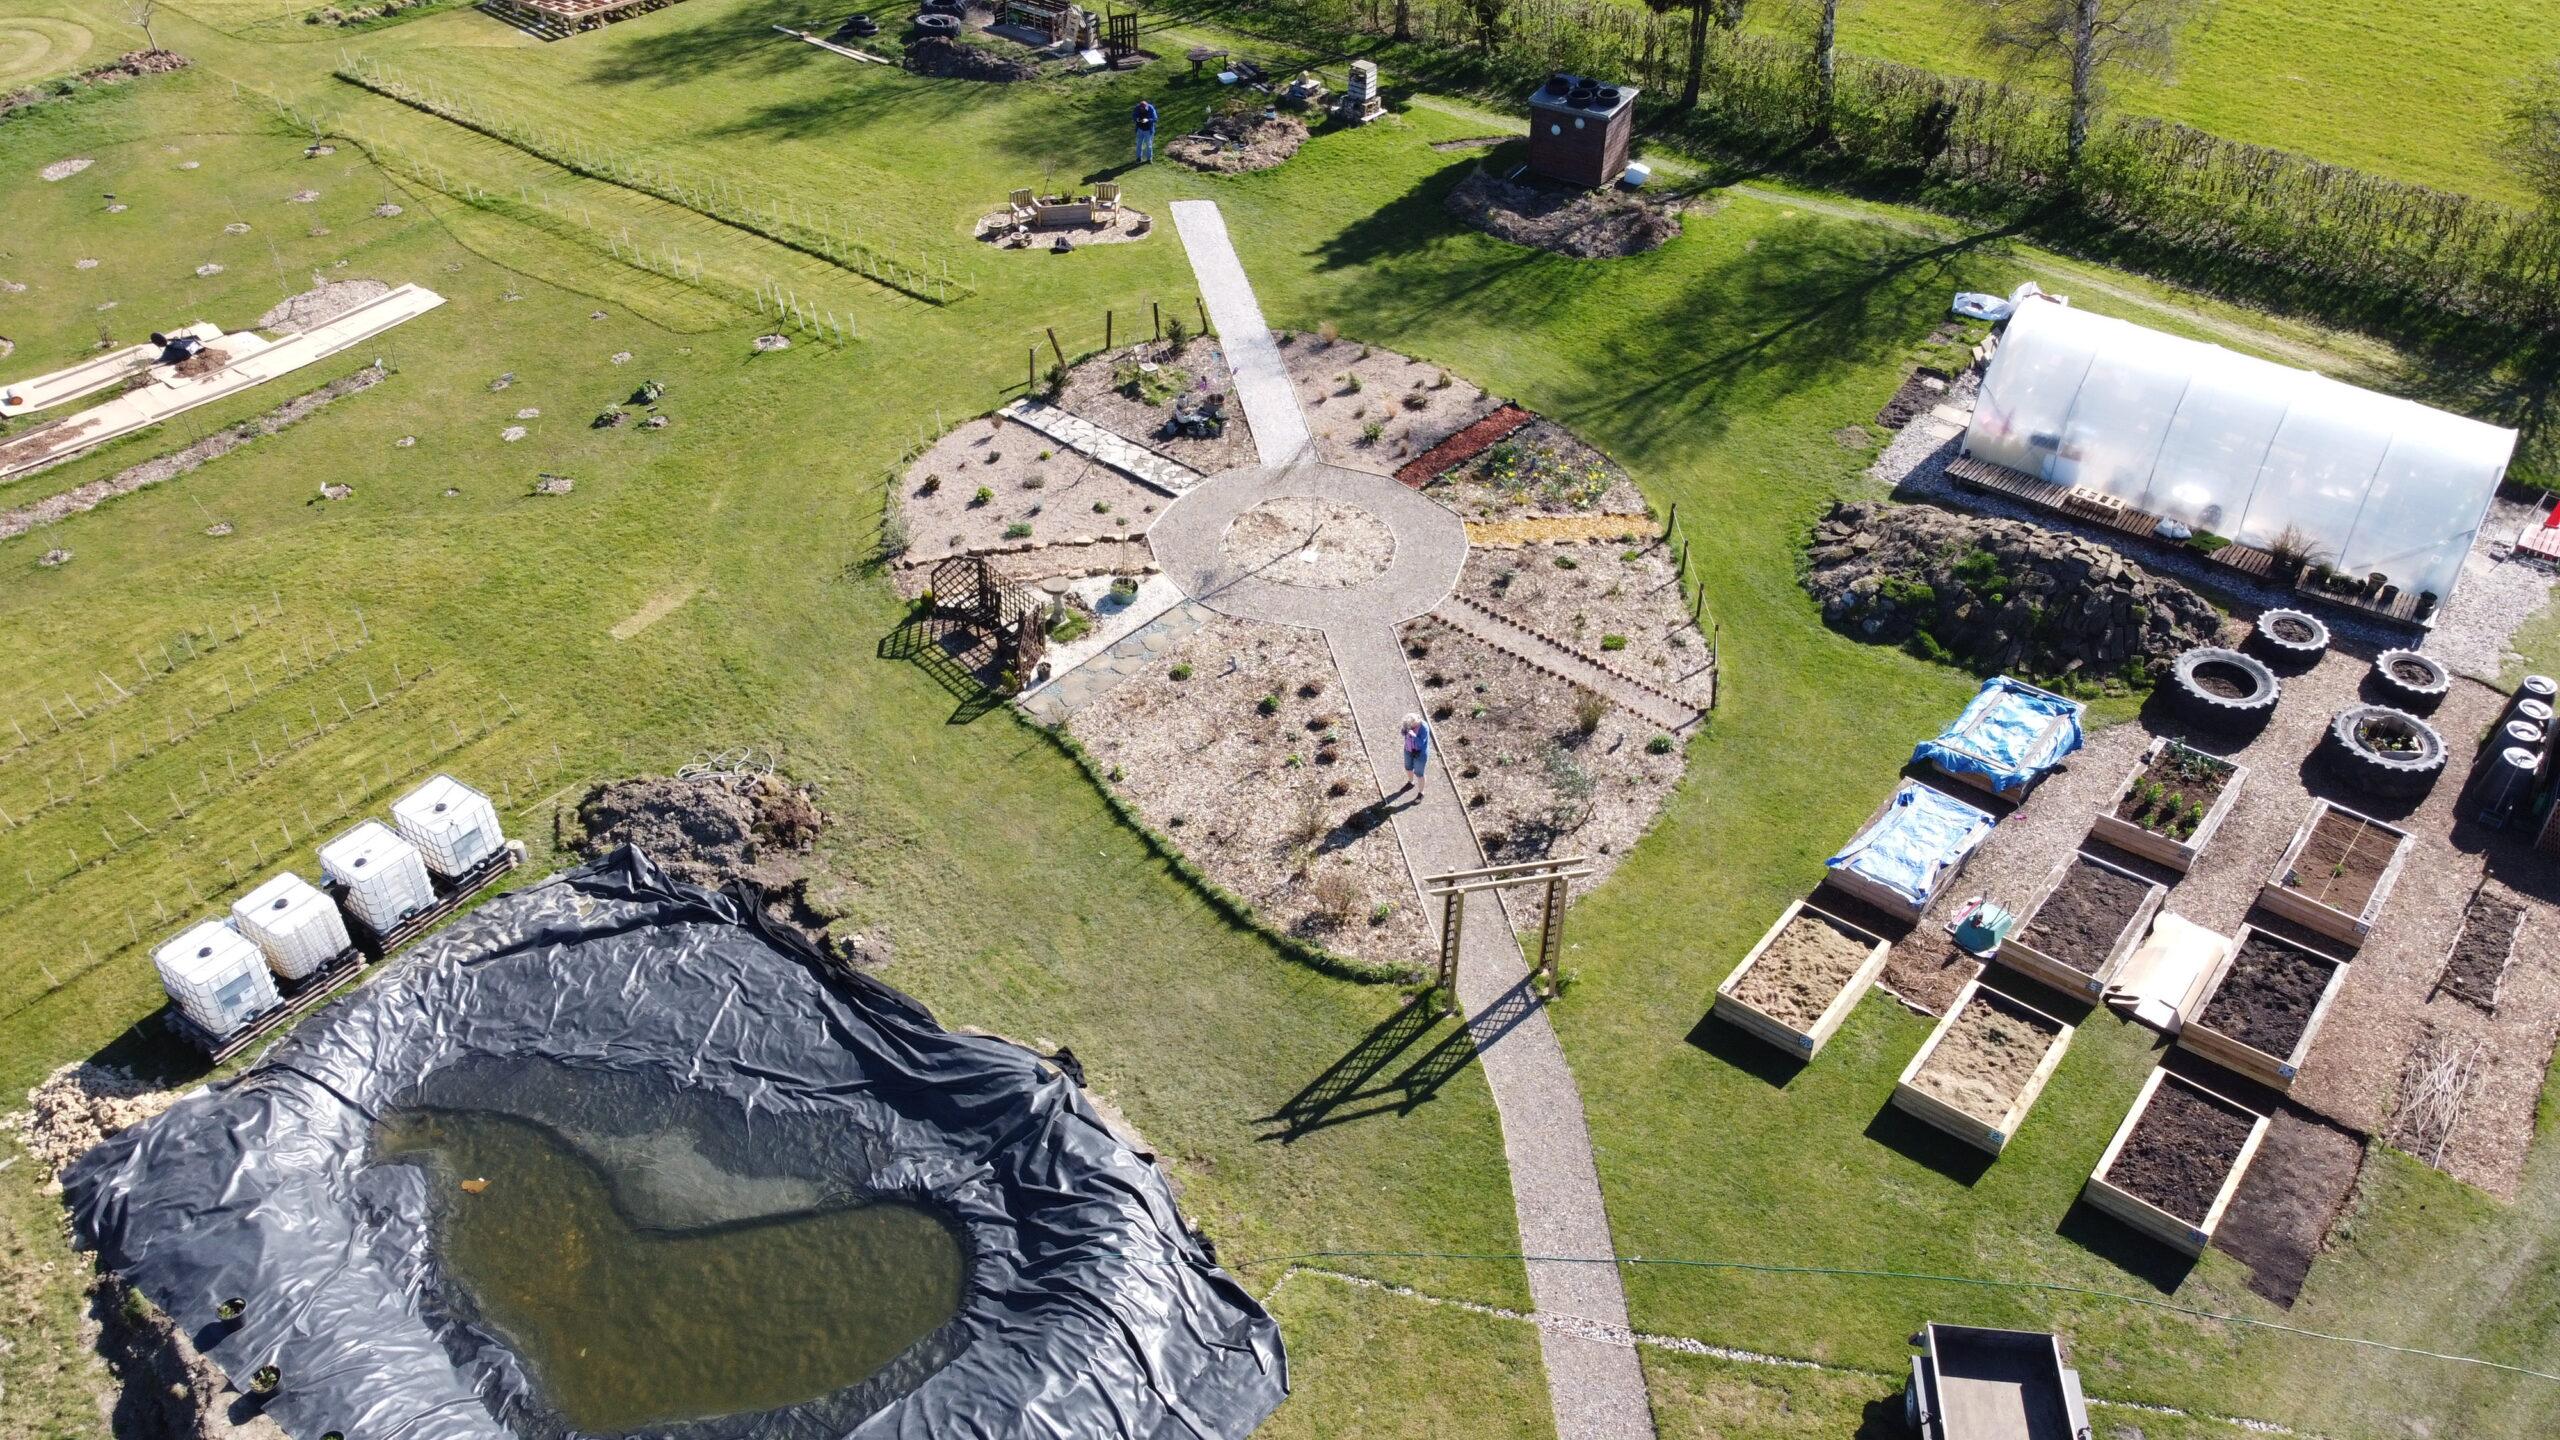 Shipley Woodside Community Garden - March 2021